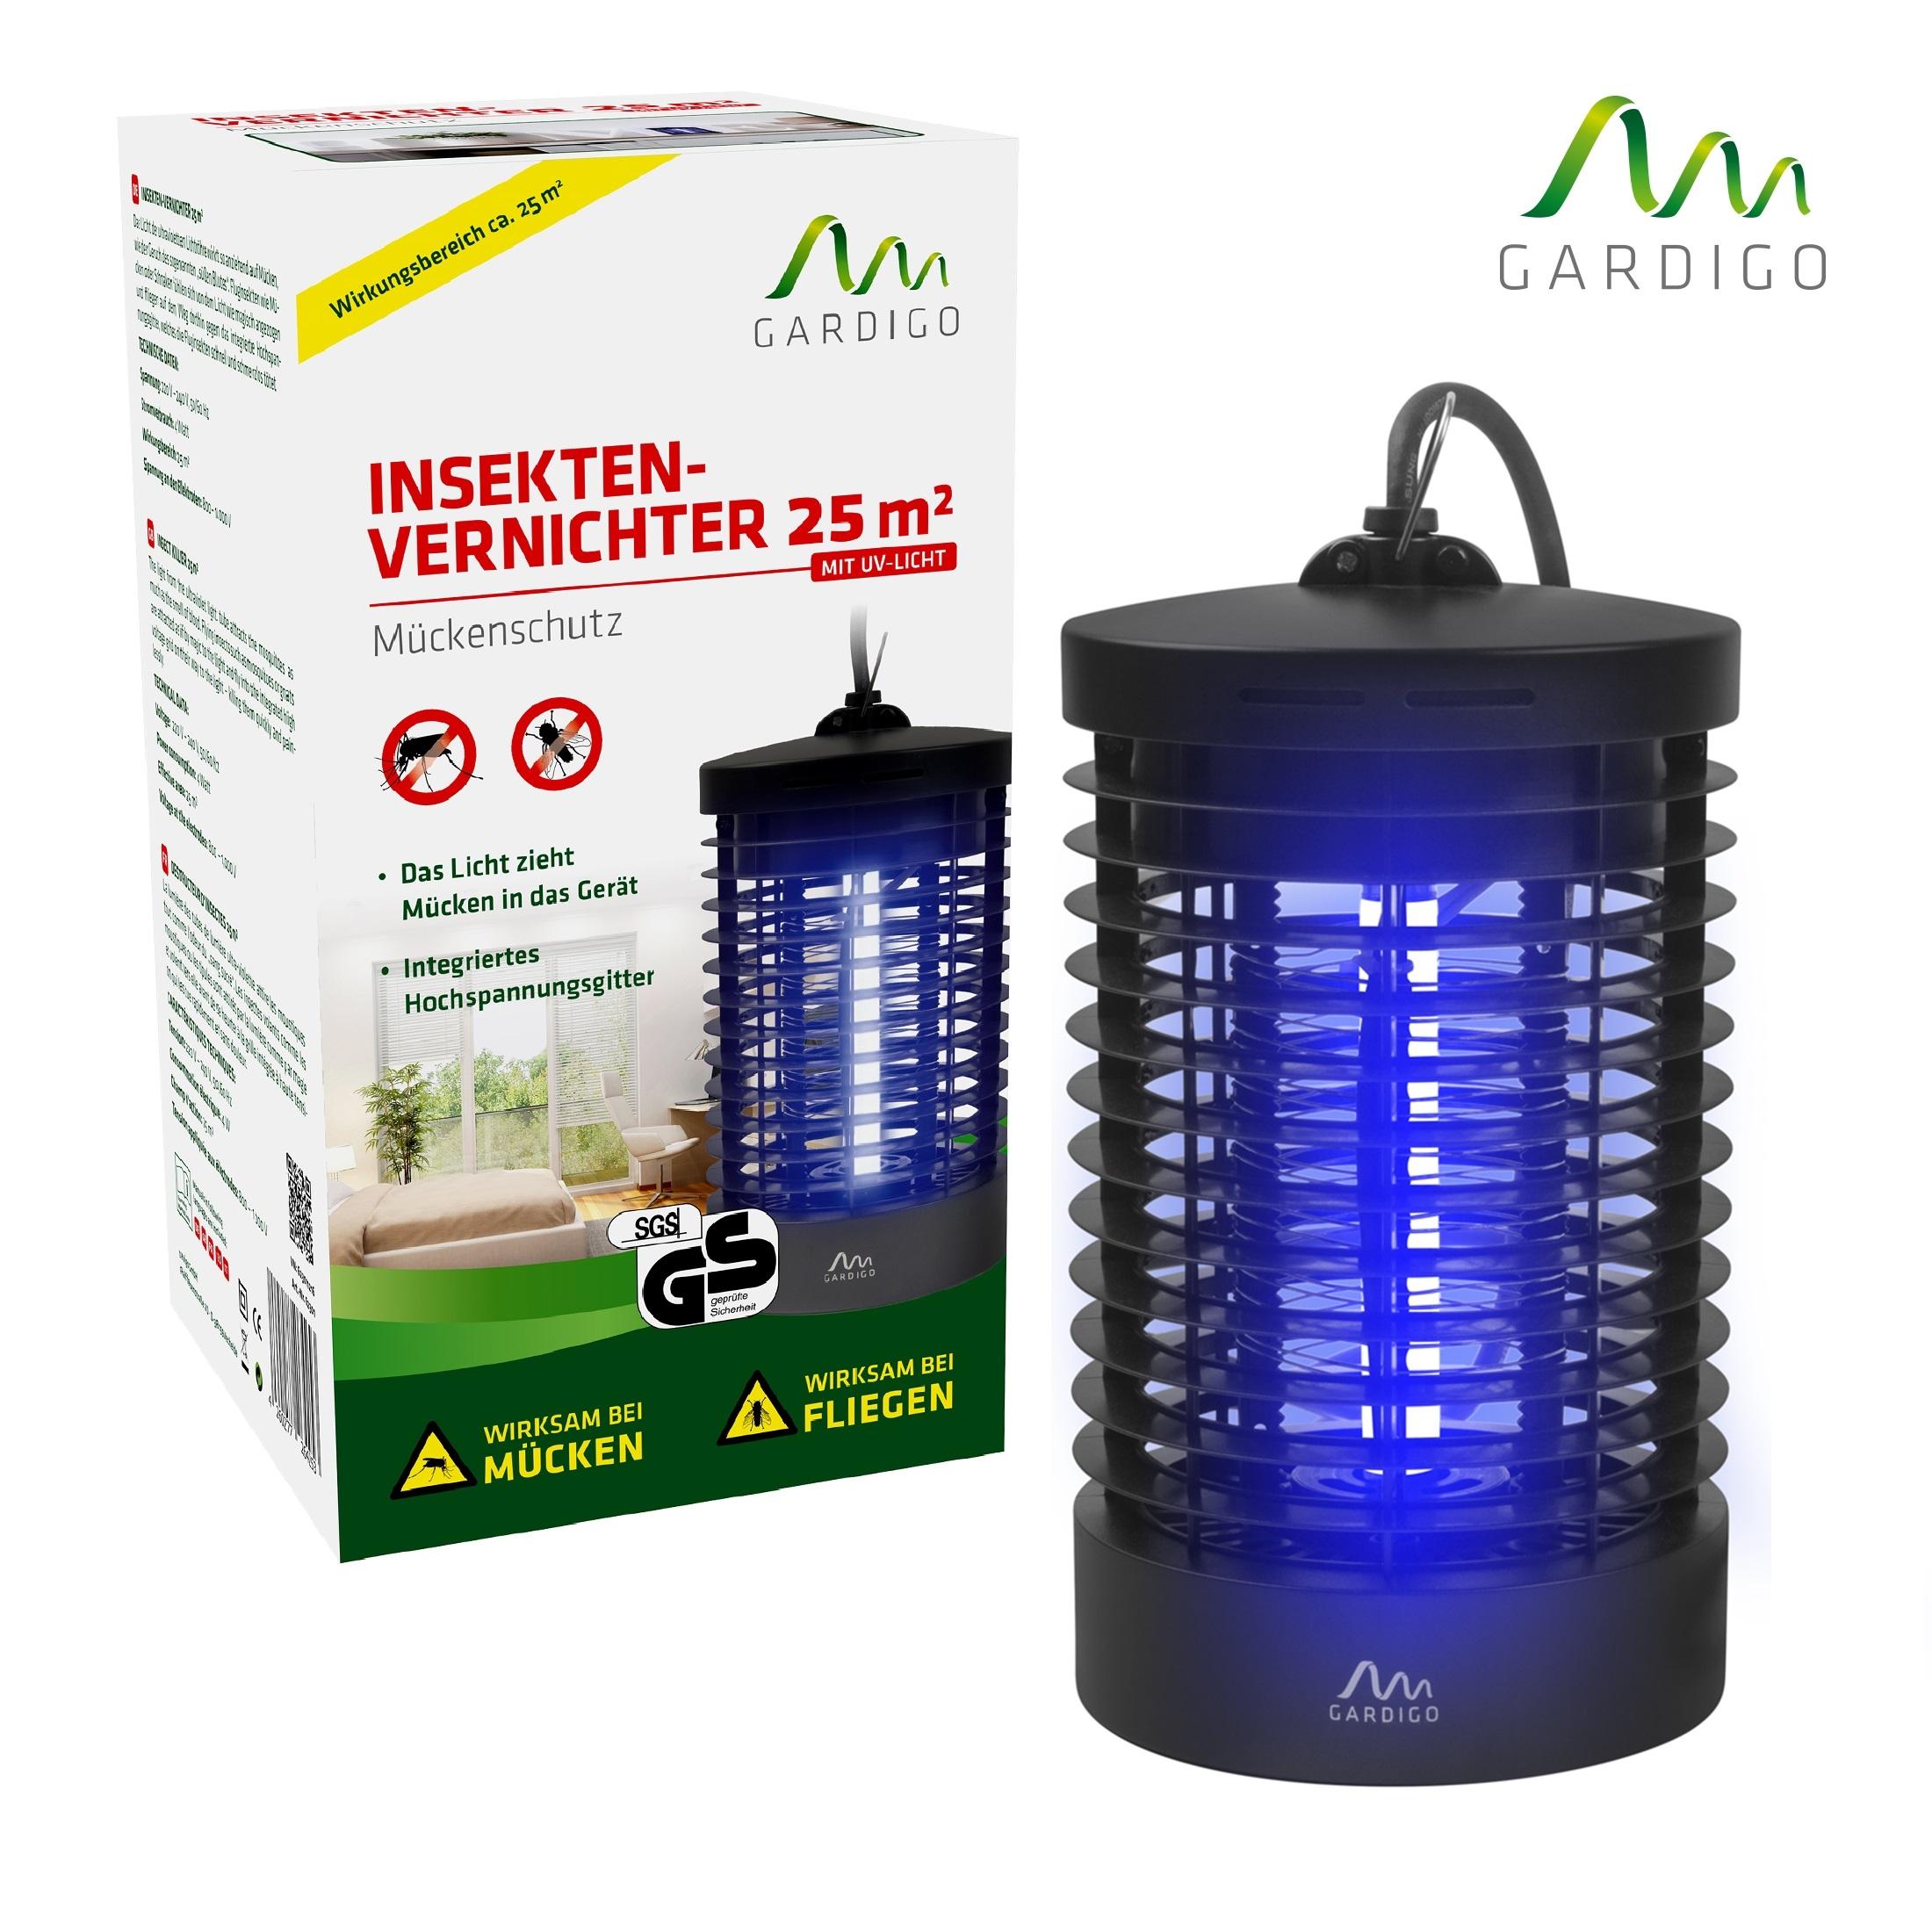 insektenvernichter 25 qm m cken lampe licht m ckenschreck. Black Bedroom Furniture Sets. Home Design Ideas